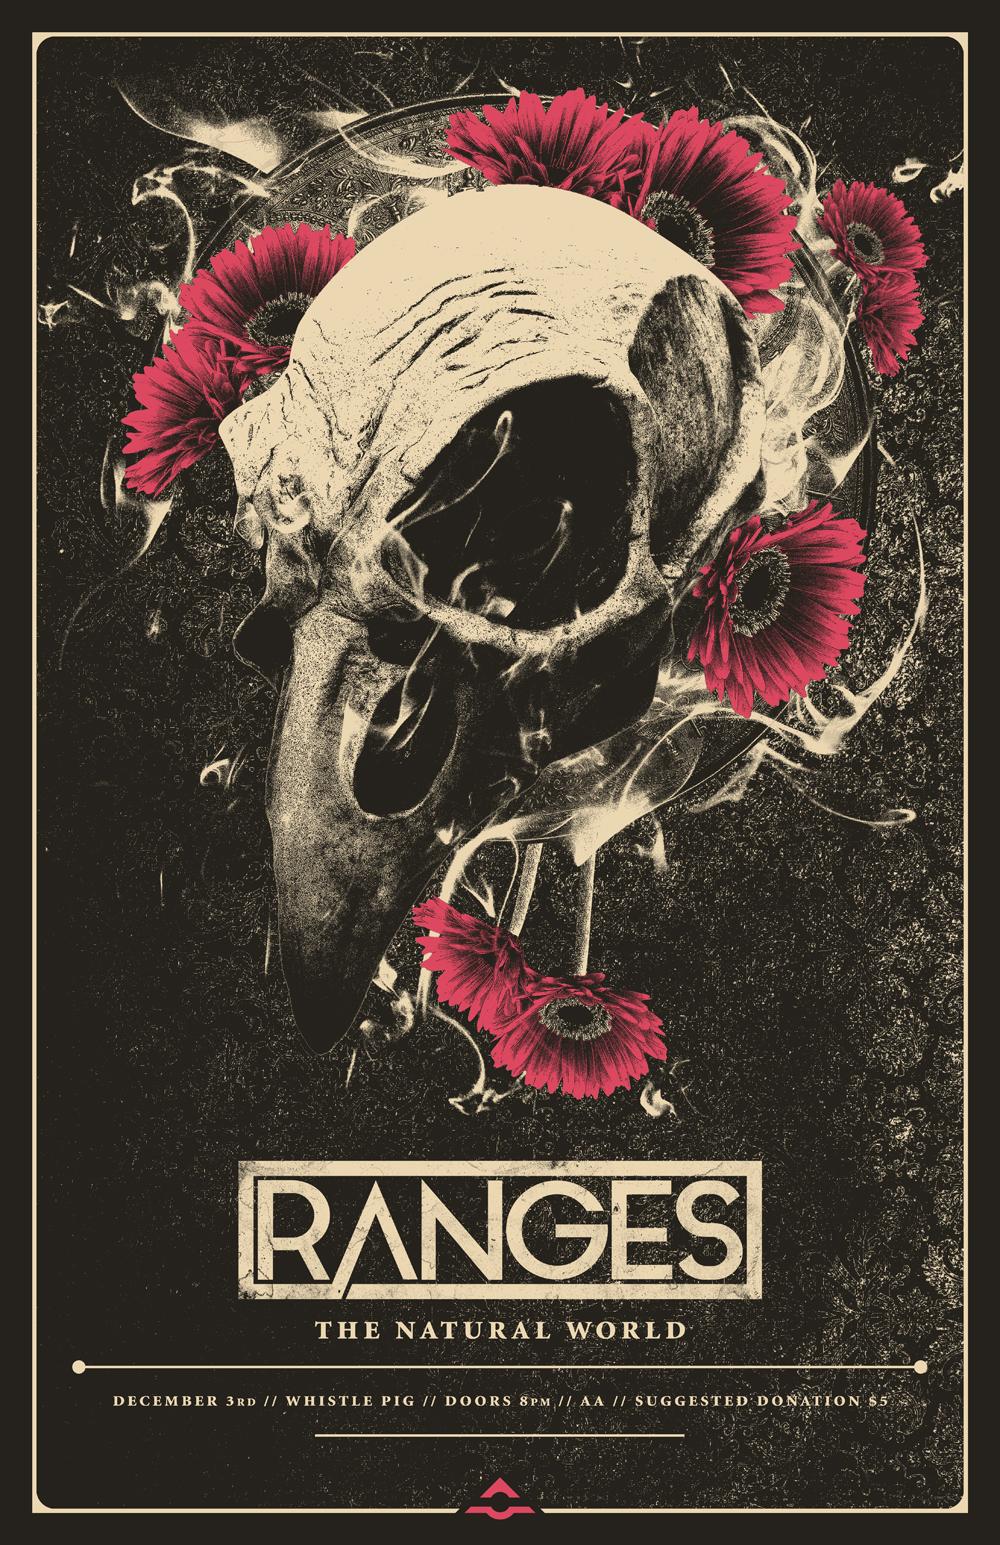 ranges_whistle_pig_poster1000px.jpg